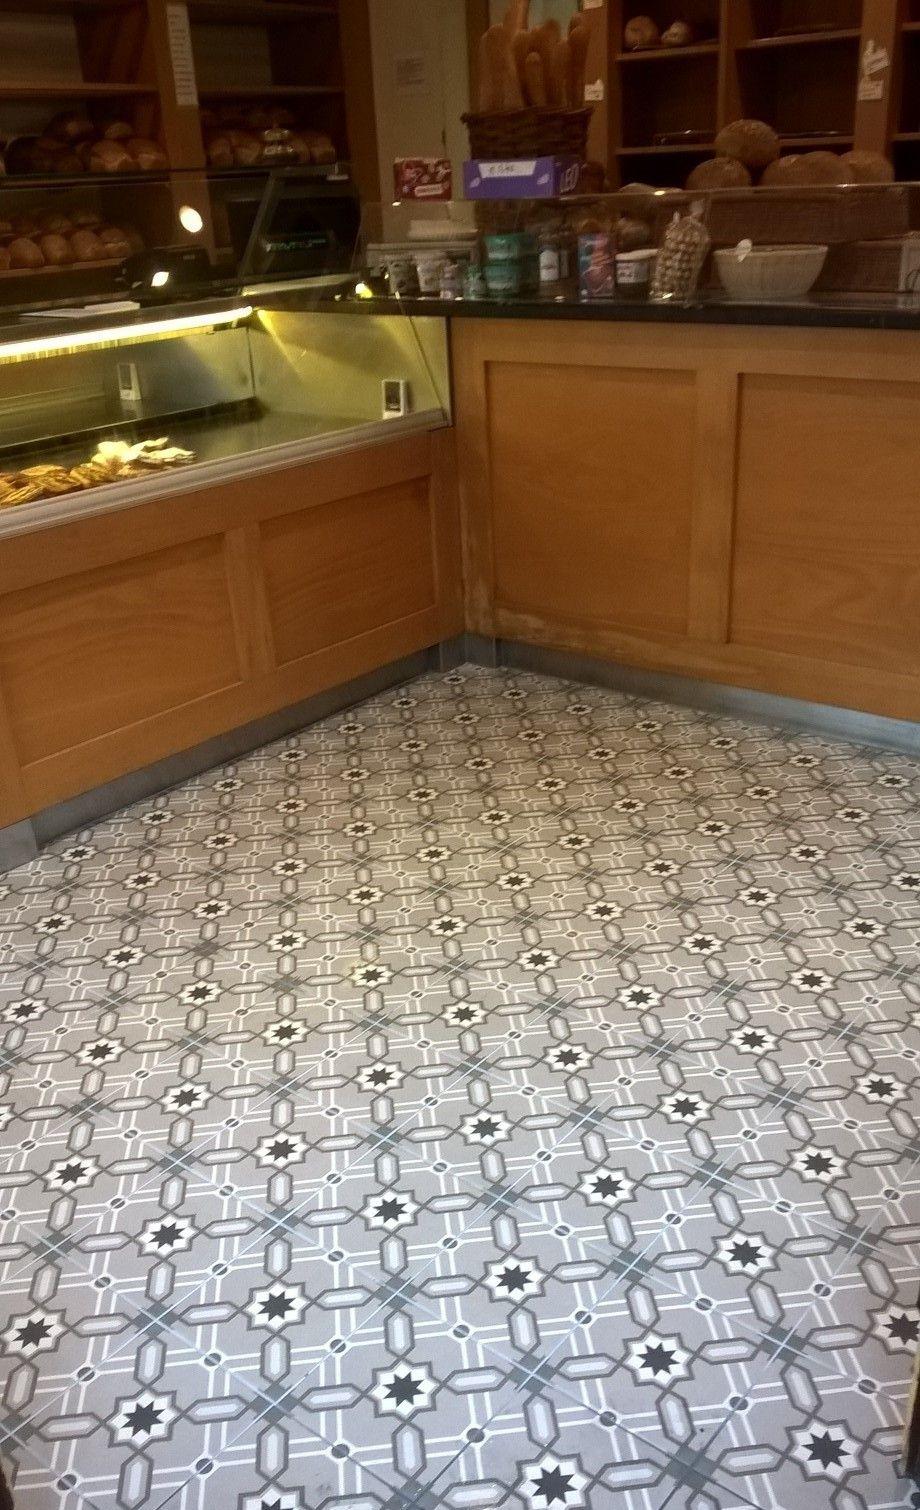 Odie tile revoir paris in a bakery shop revoir paris tiles pinterest vloeren tegels en - Tegel metro parijs ...